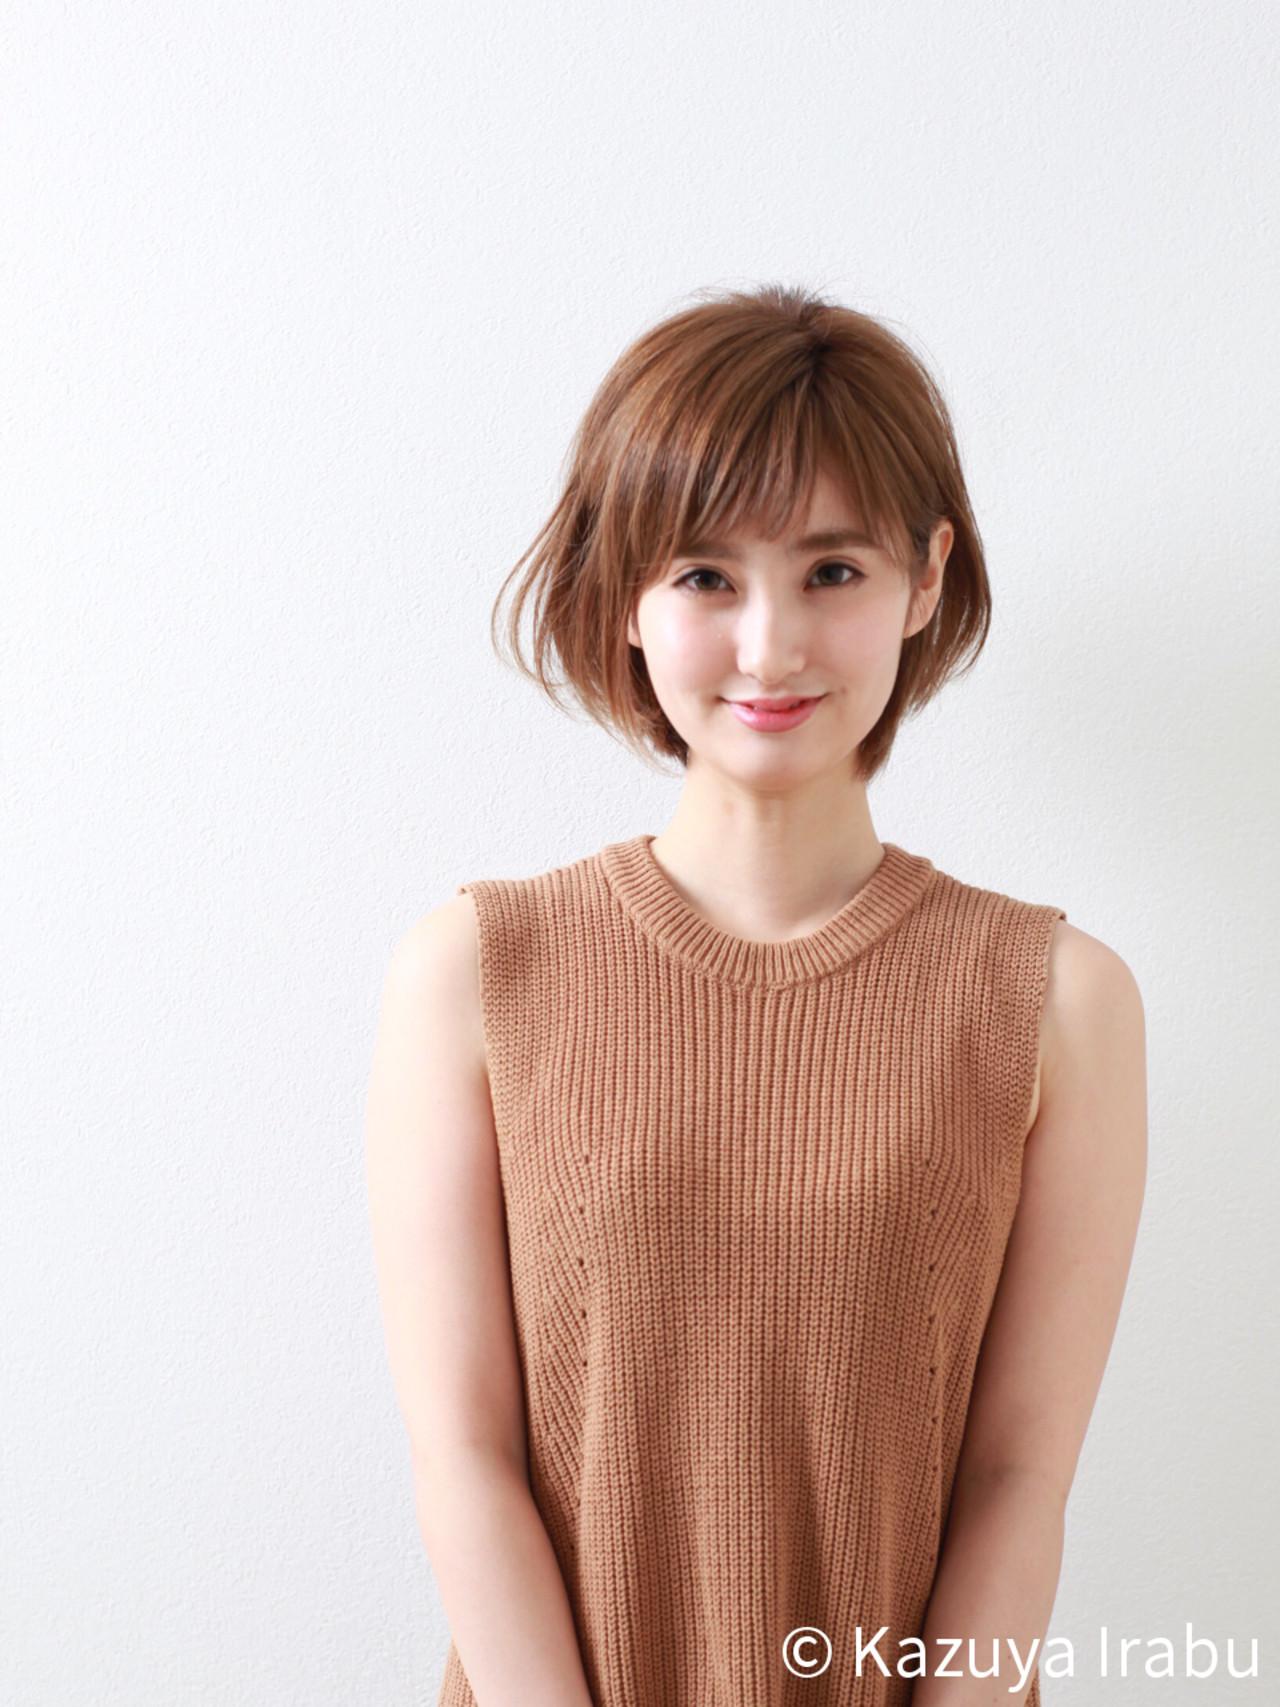 色気 フリンジバング こなれ感 小顔 ヘアスタイルや髪型の写真・画像 | Kazuya Irabu / アービング